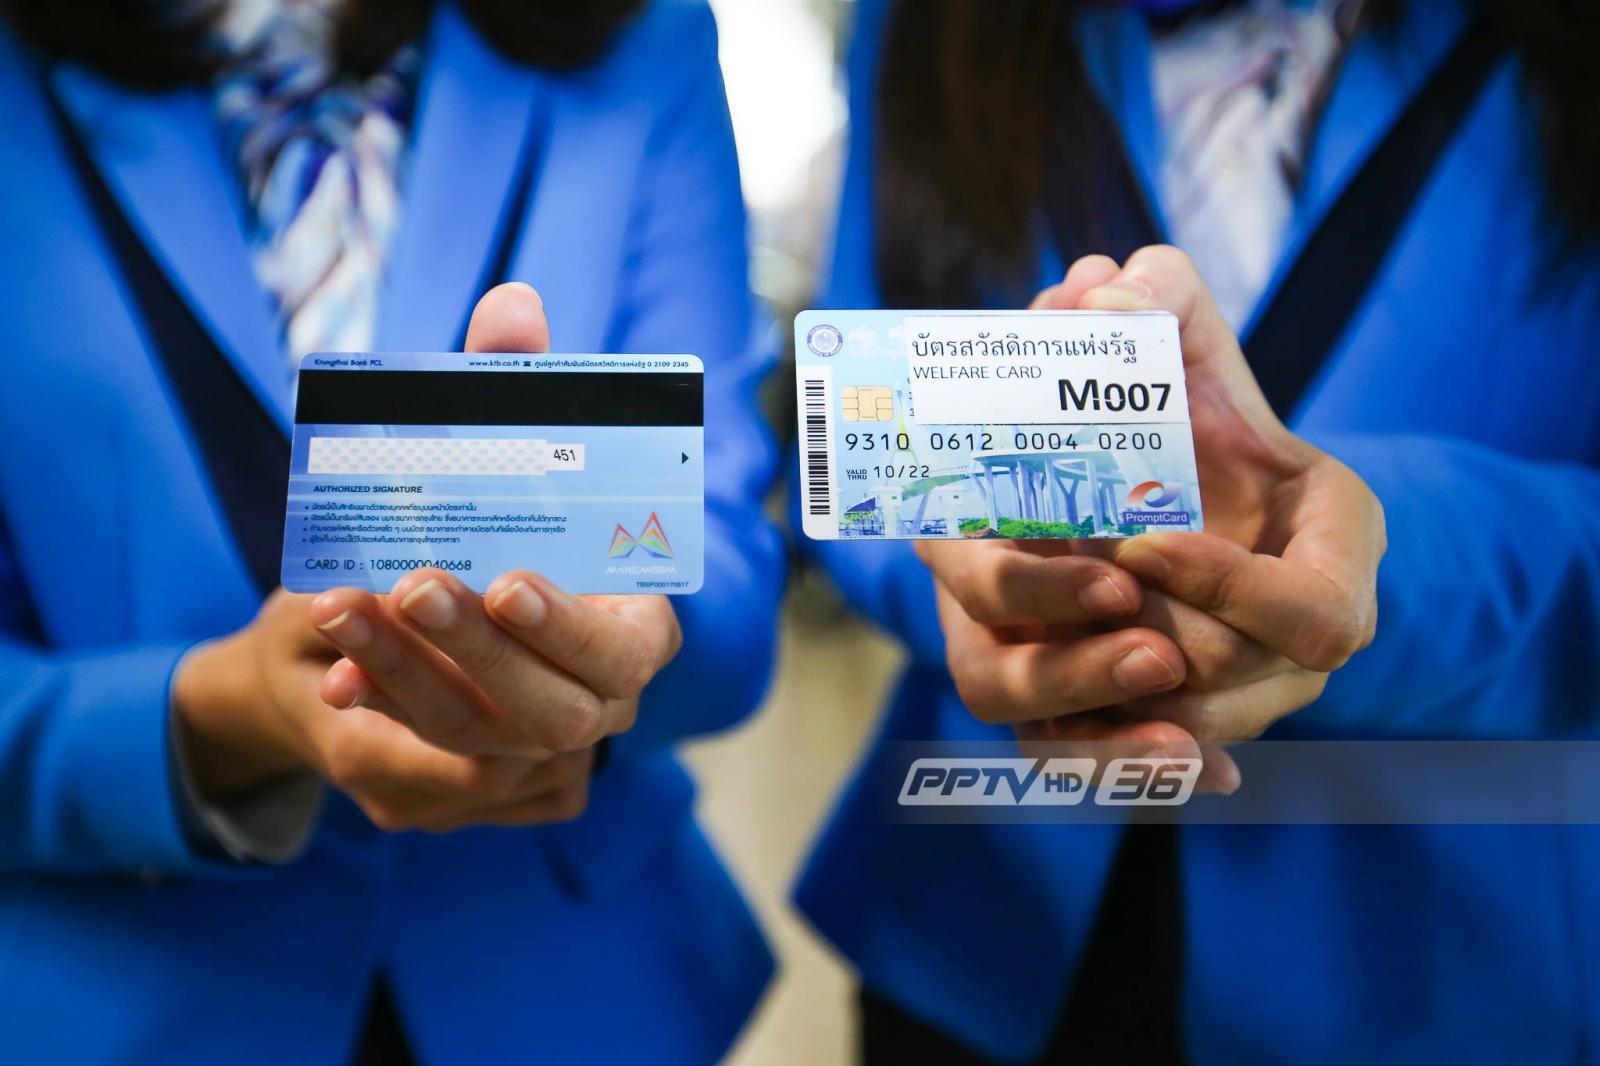 ข่าวดี! บัตรผู้มีรายได้น้อยใช้รถไฟฟ้าฟรีได้แล้ว